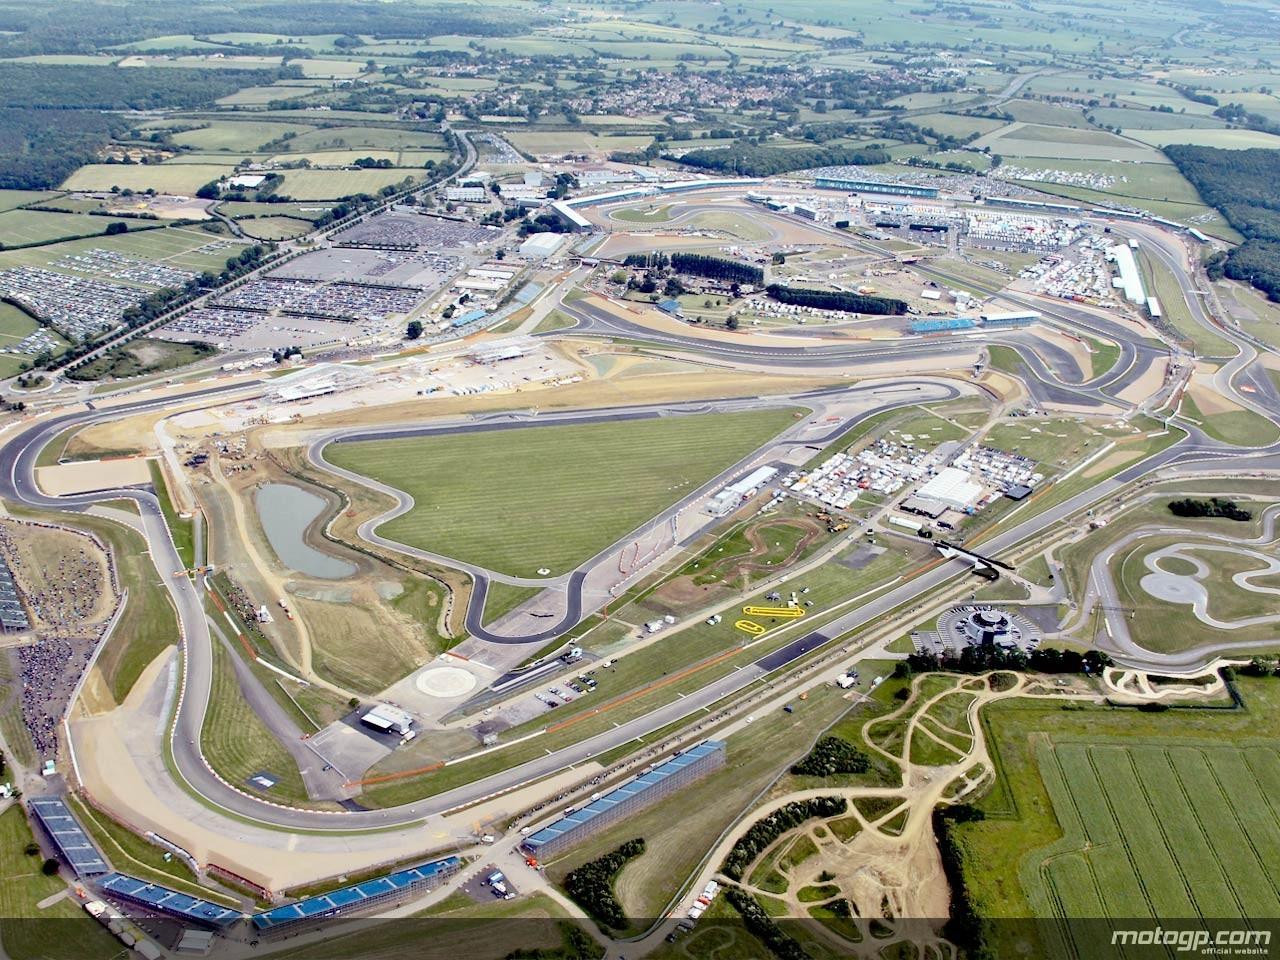 motoblogn motoblogn 39 s 2012 motogp race track google map views. Black Bedroom Furniture Sets. Home Design Ideas